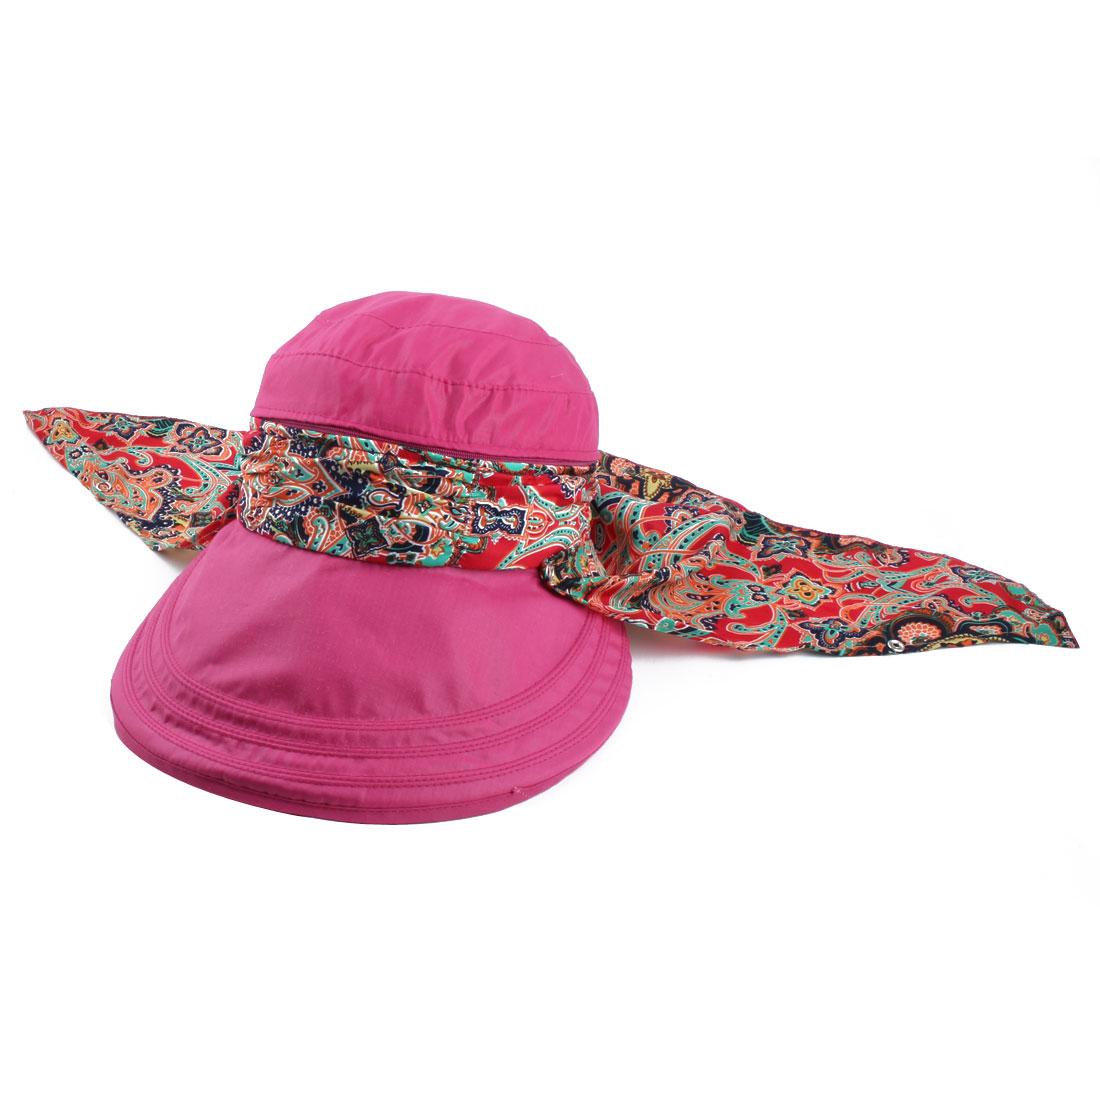 Ladies Women Outdoor Cotton Blends Adjustable Floppy Wide Brim Summer Sun Cap Beach Hat Fuchsia